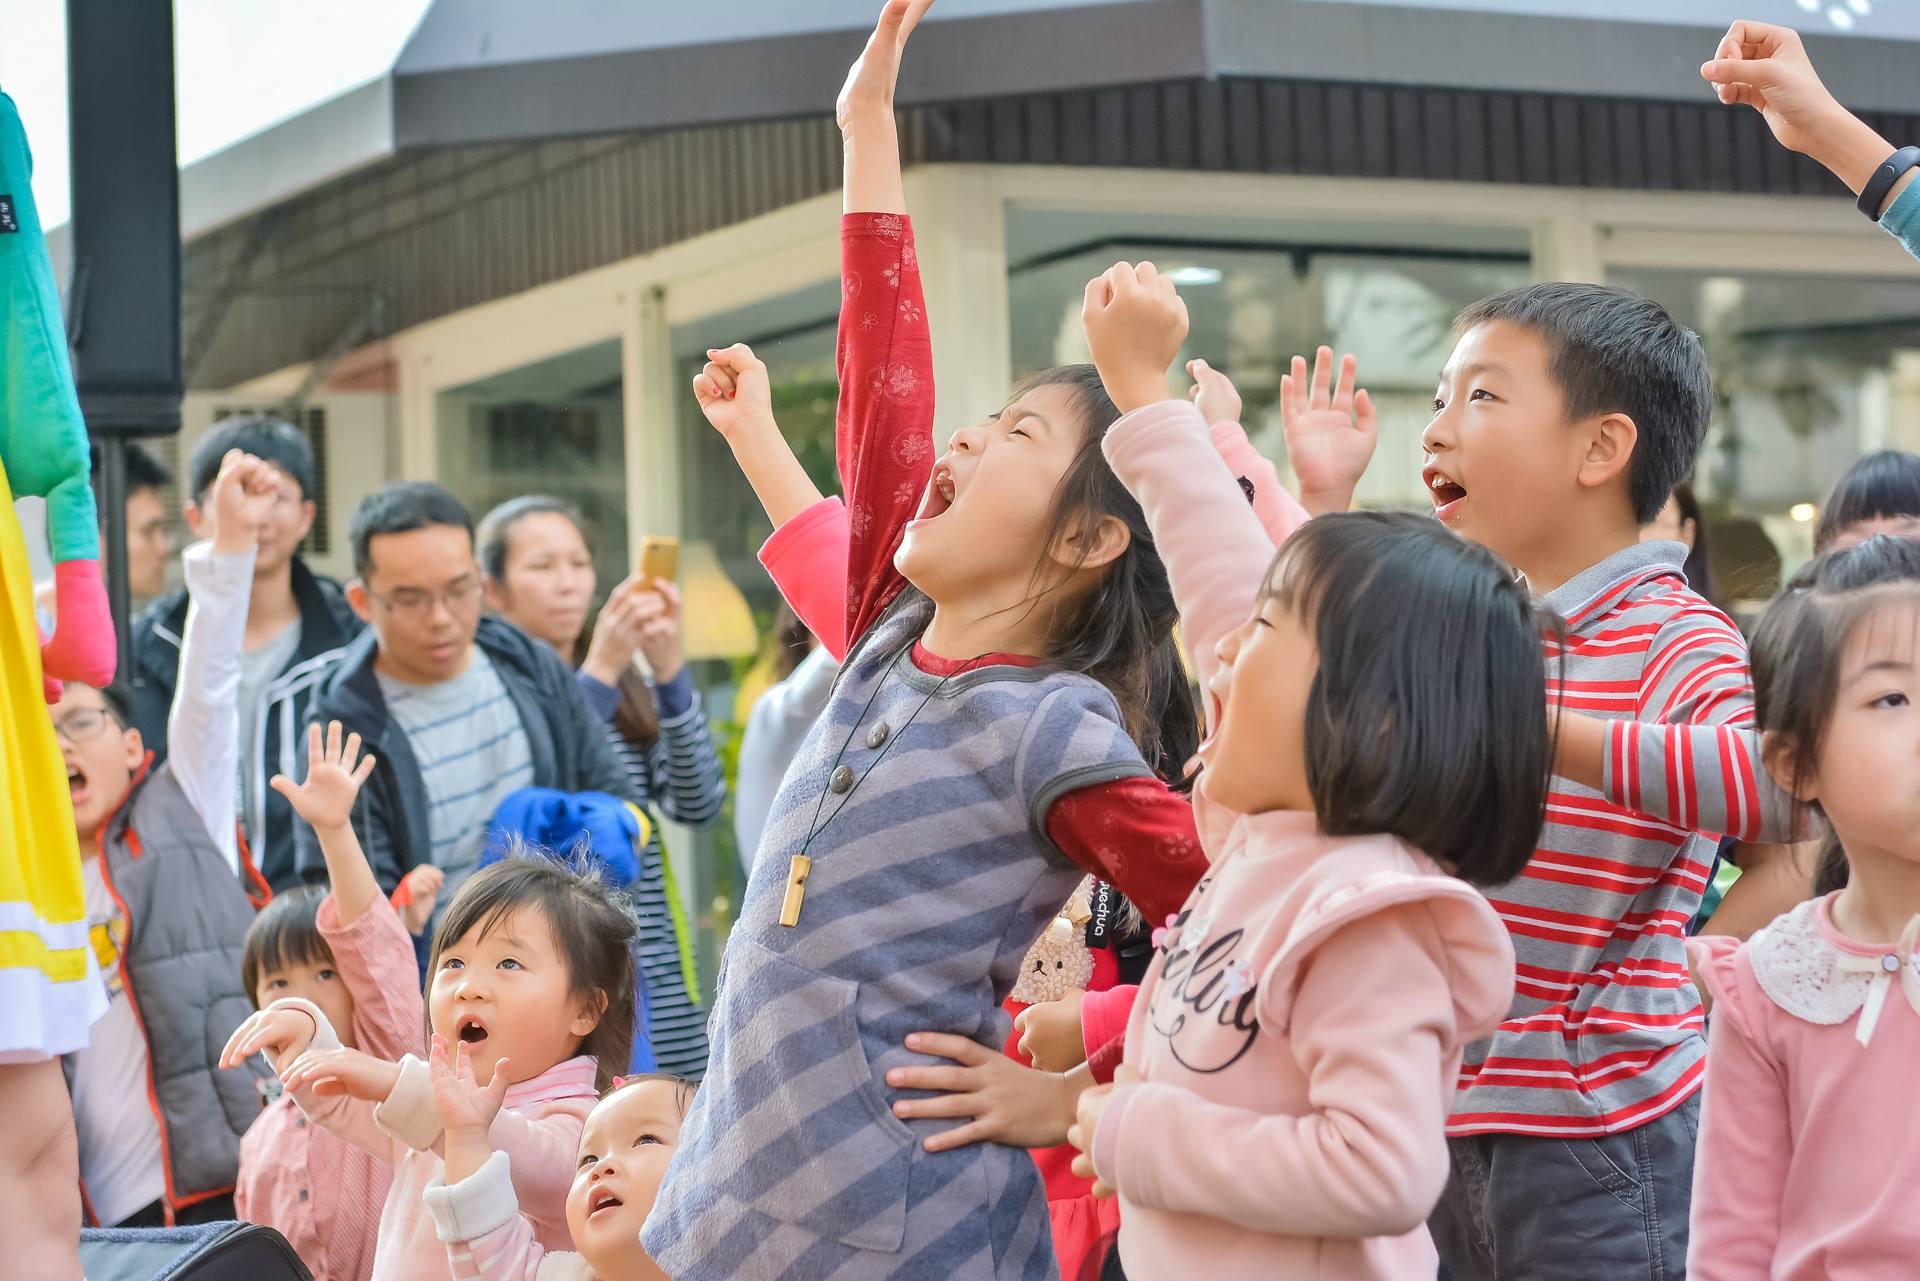 跟隨現場輕快的音樂,小朋友們也舞動得不亦樂乎。